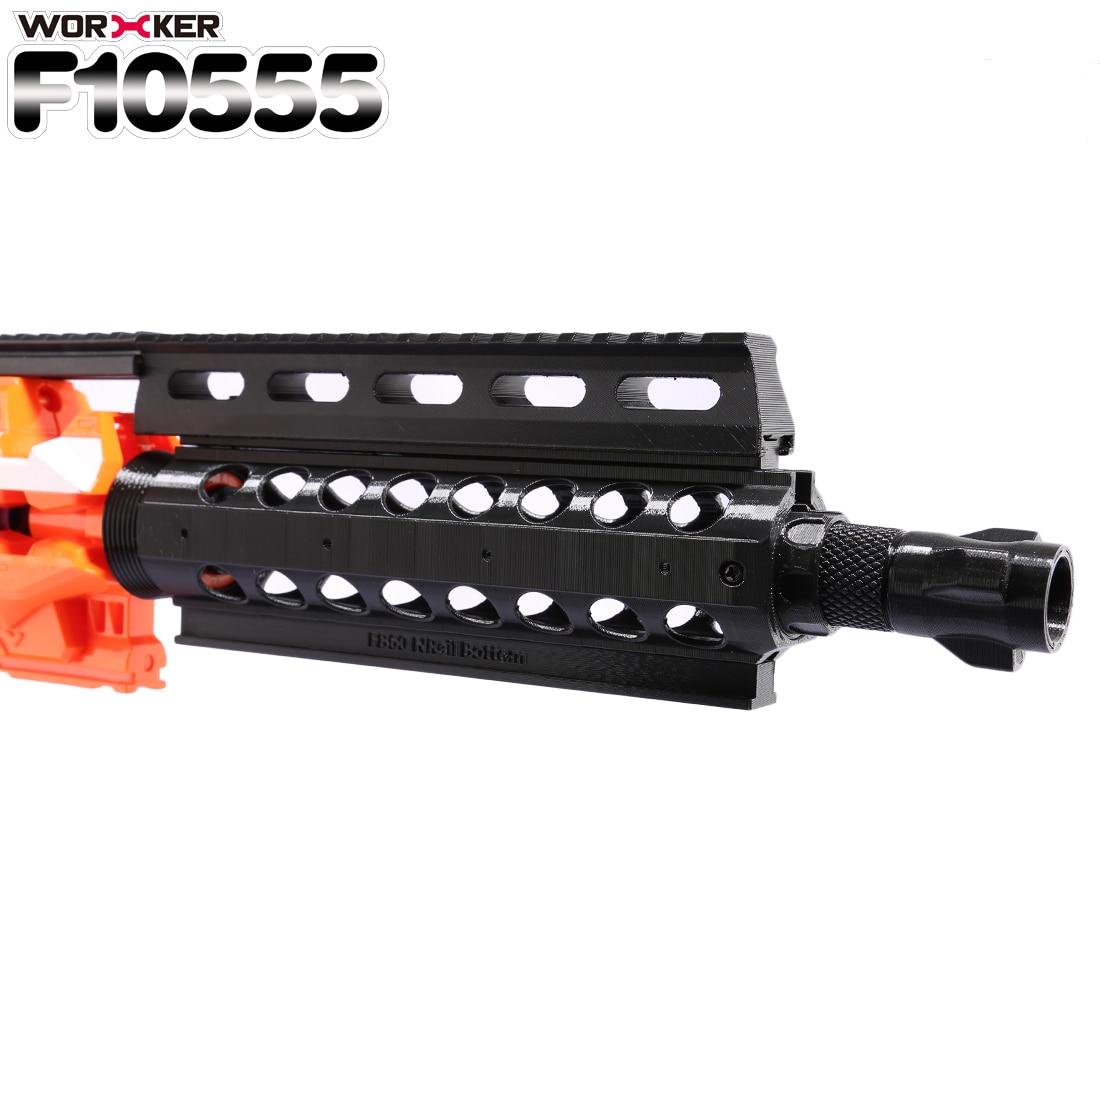 Trabalhador F10555 3D Impressão NO. 60 Tubo Frente H17 Picatinny Rail  Profissional Acessórios para Nerf Brinquedo Arma-Preto bc4420dea5